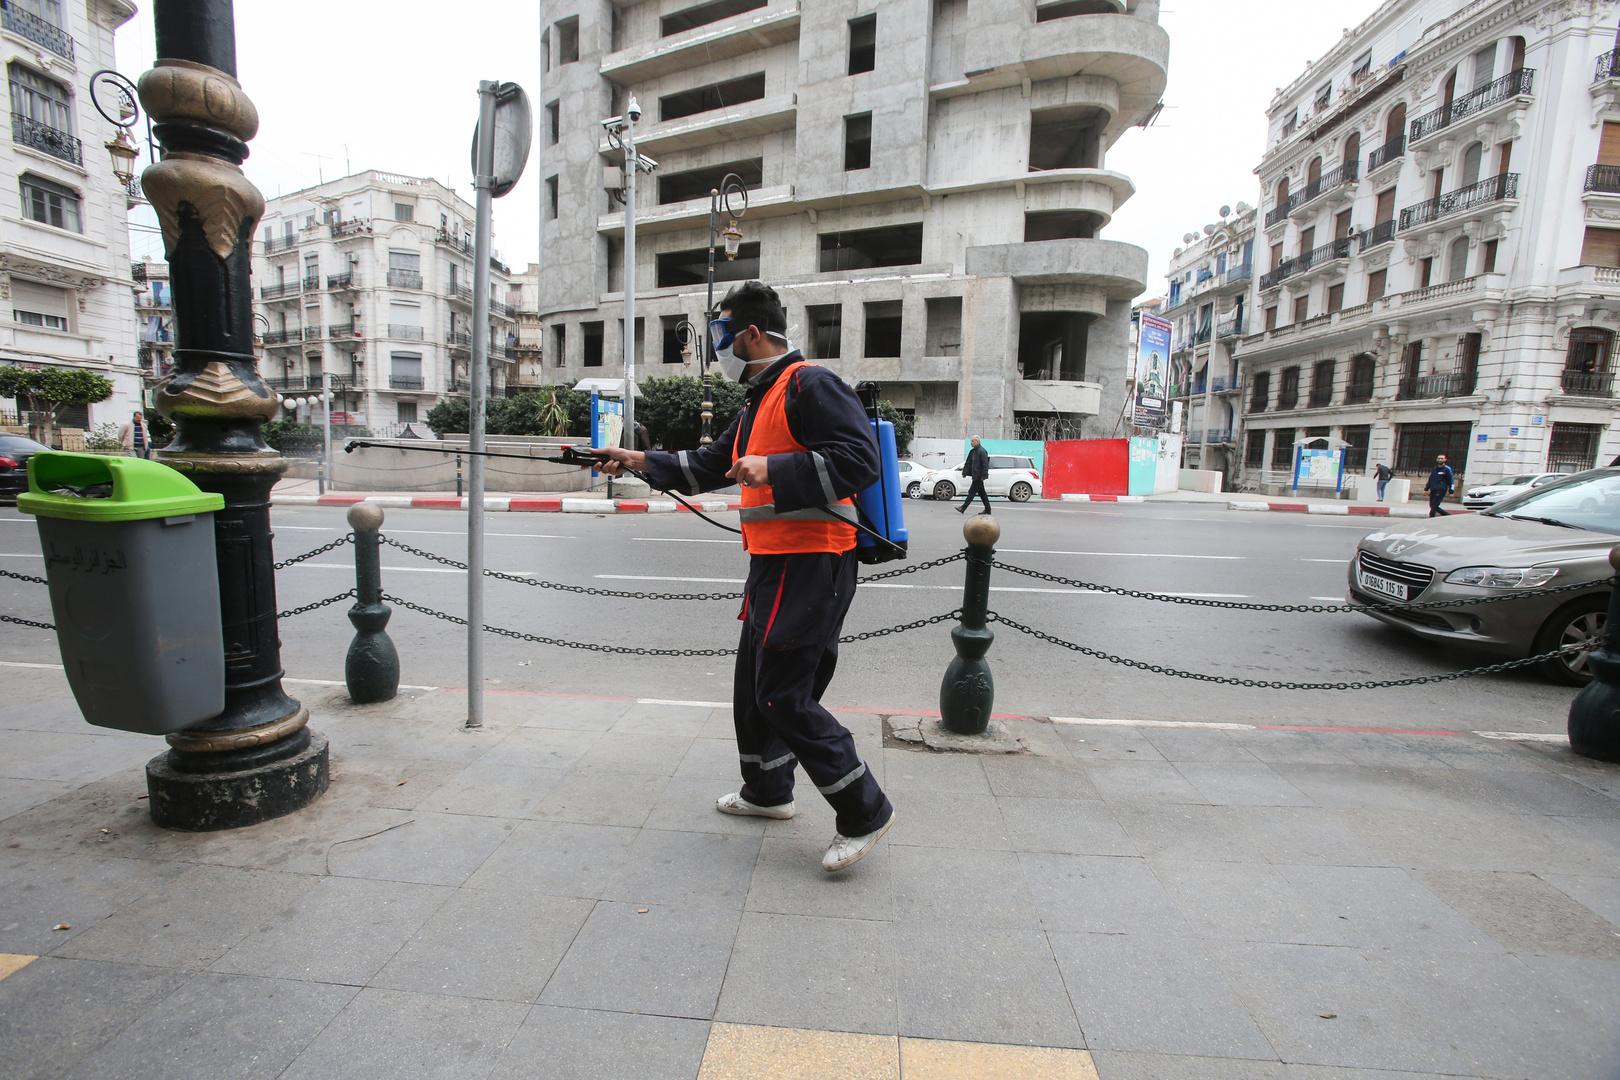 الجزائر .. 12 حالة وفاة بسبب فيروس كورونا